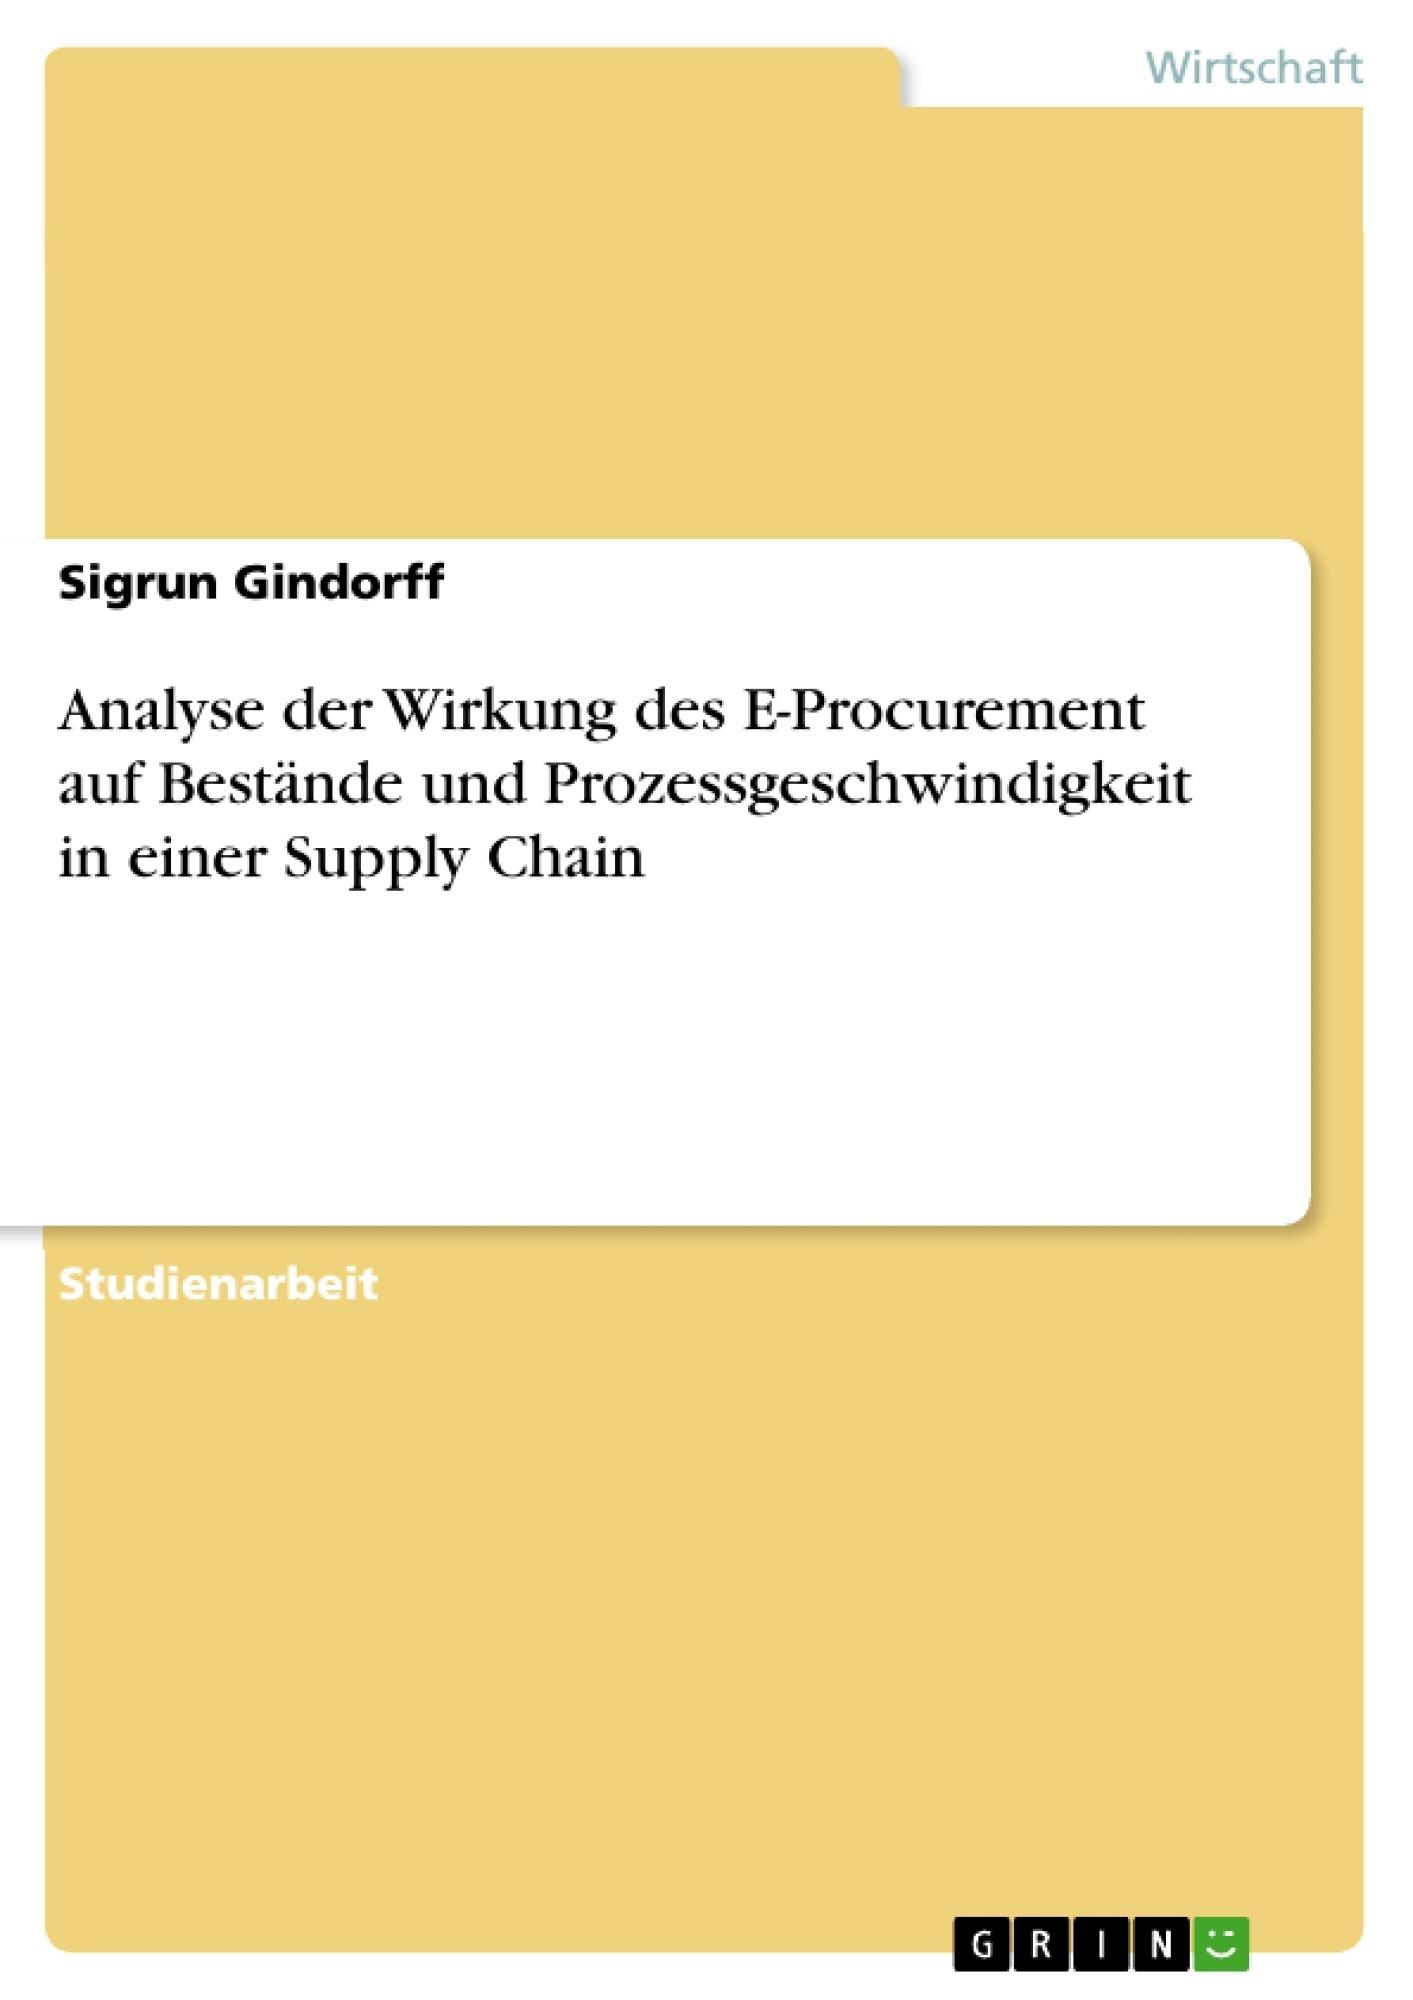 Titel: Analyse der Wirkung des E-Procurement auf Bestände und Prozessgeschwindigkeit in einer Supply Chain